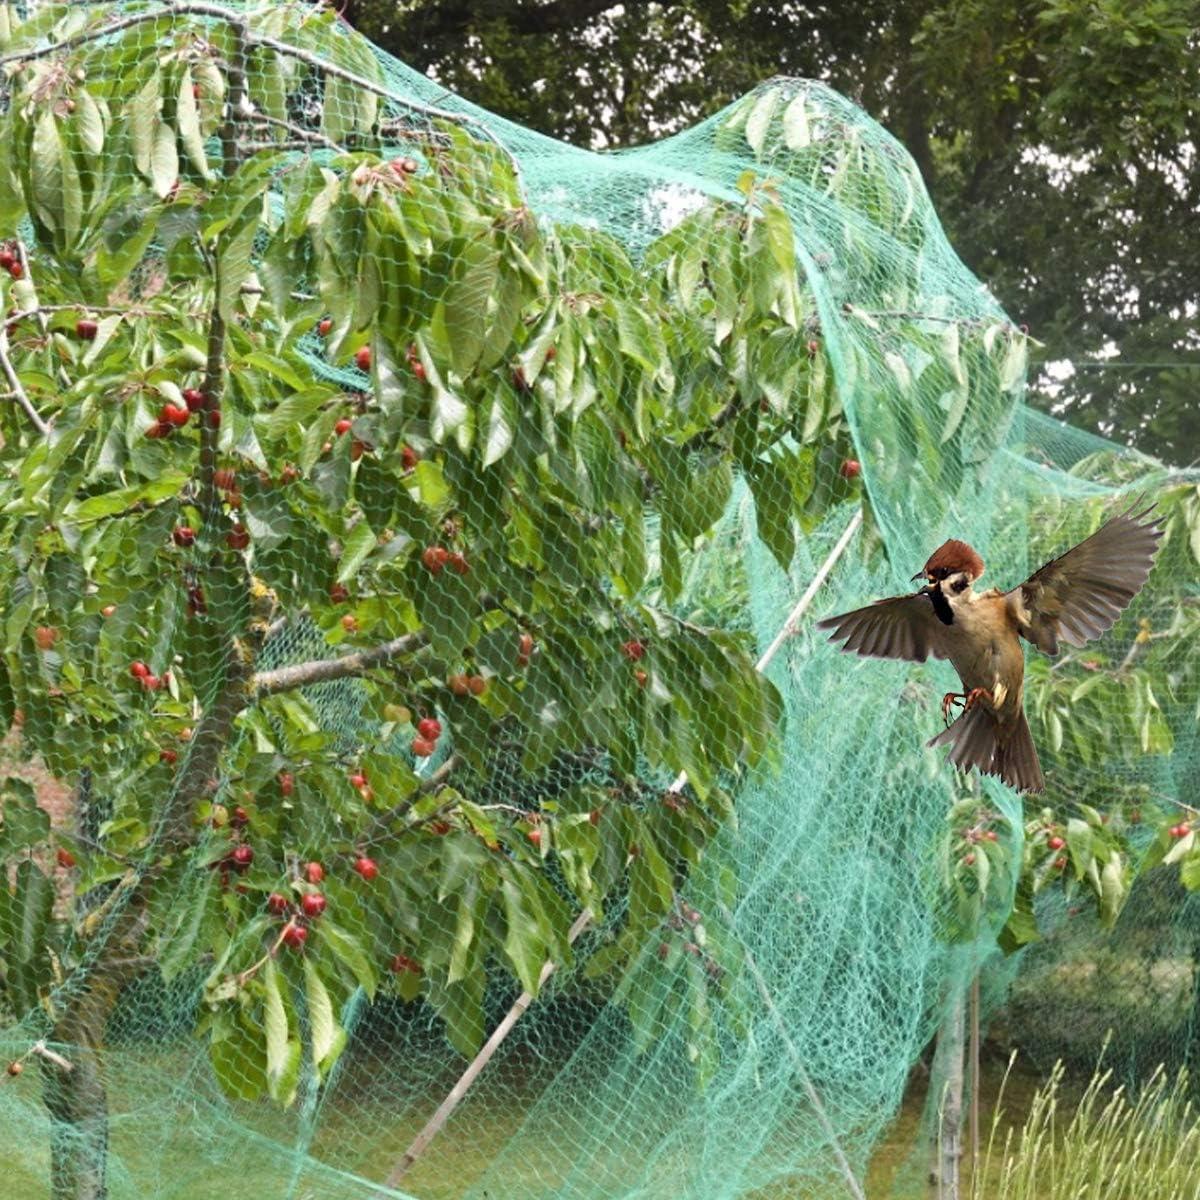 HellDoler Rete Protezione Uccelli,4 m x 12 m Rete per Uccelli Rete Anti-Uccelli Verde Rete Protezione per Piante stagni Frutti Larghezza Maglie